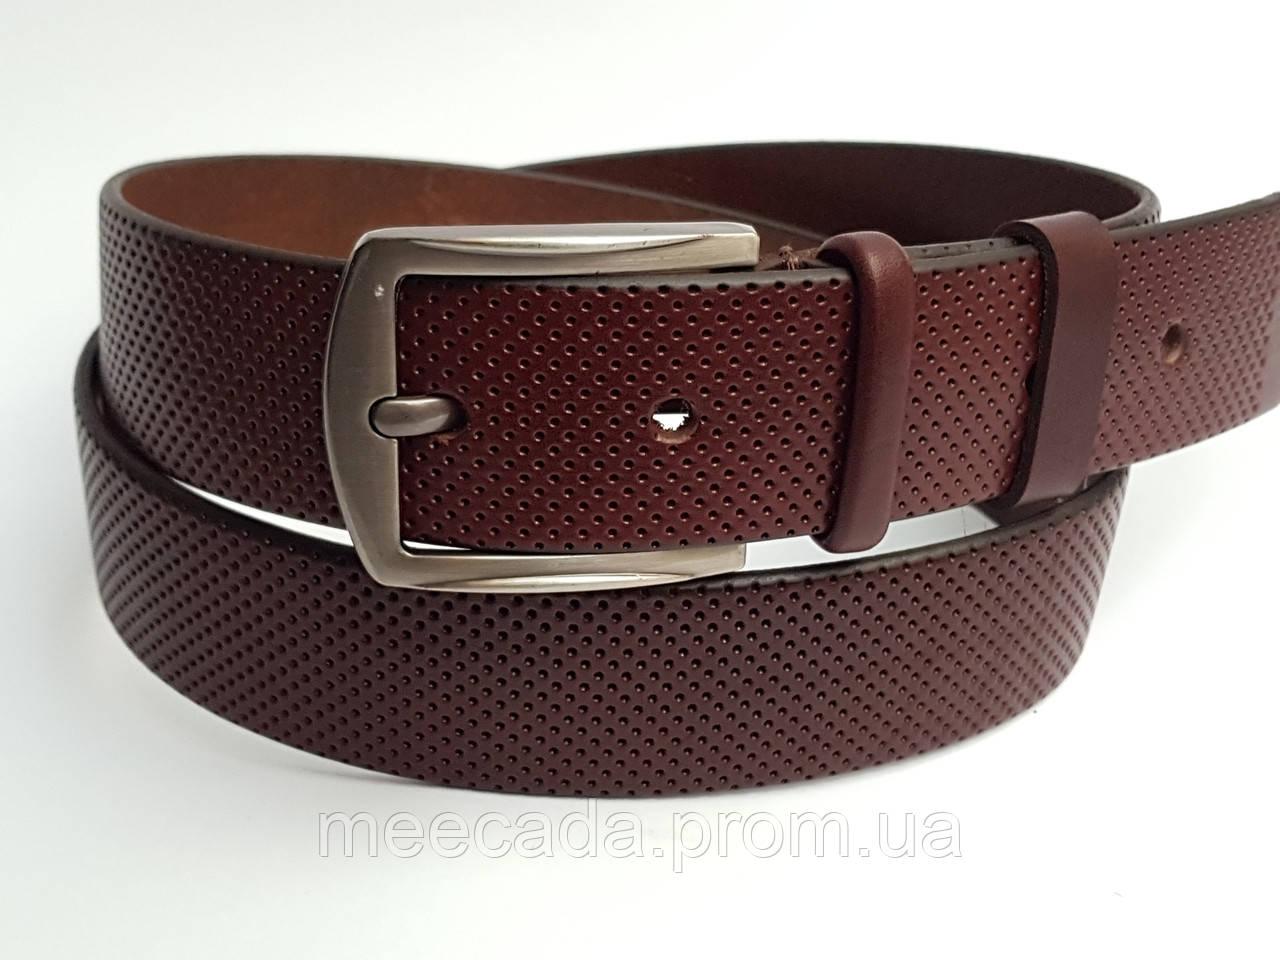 Кожаный ремень Meecada Jeans belt, коньячный цвет